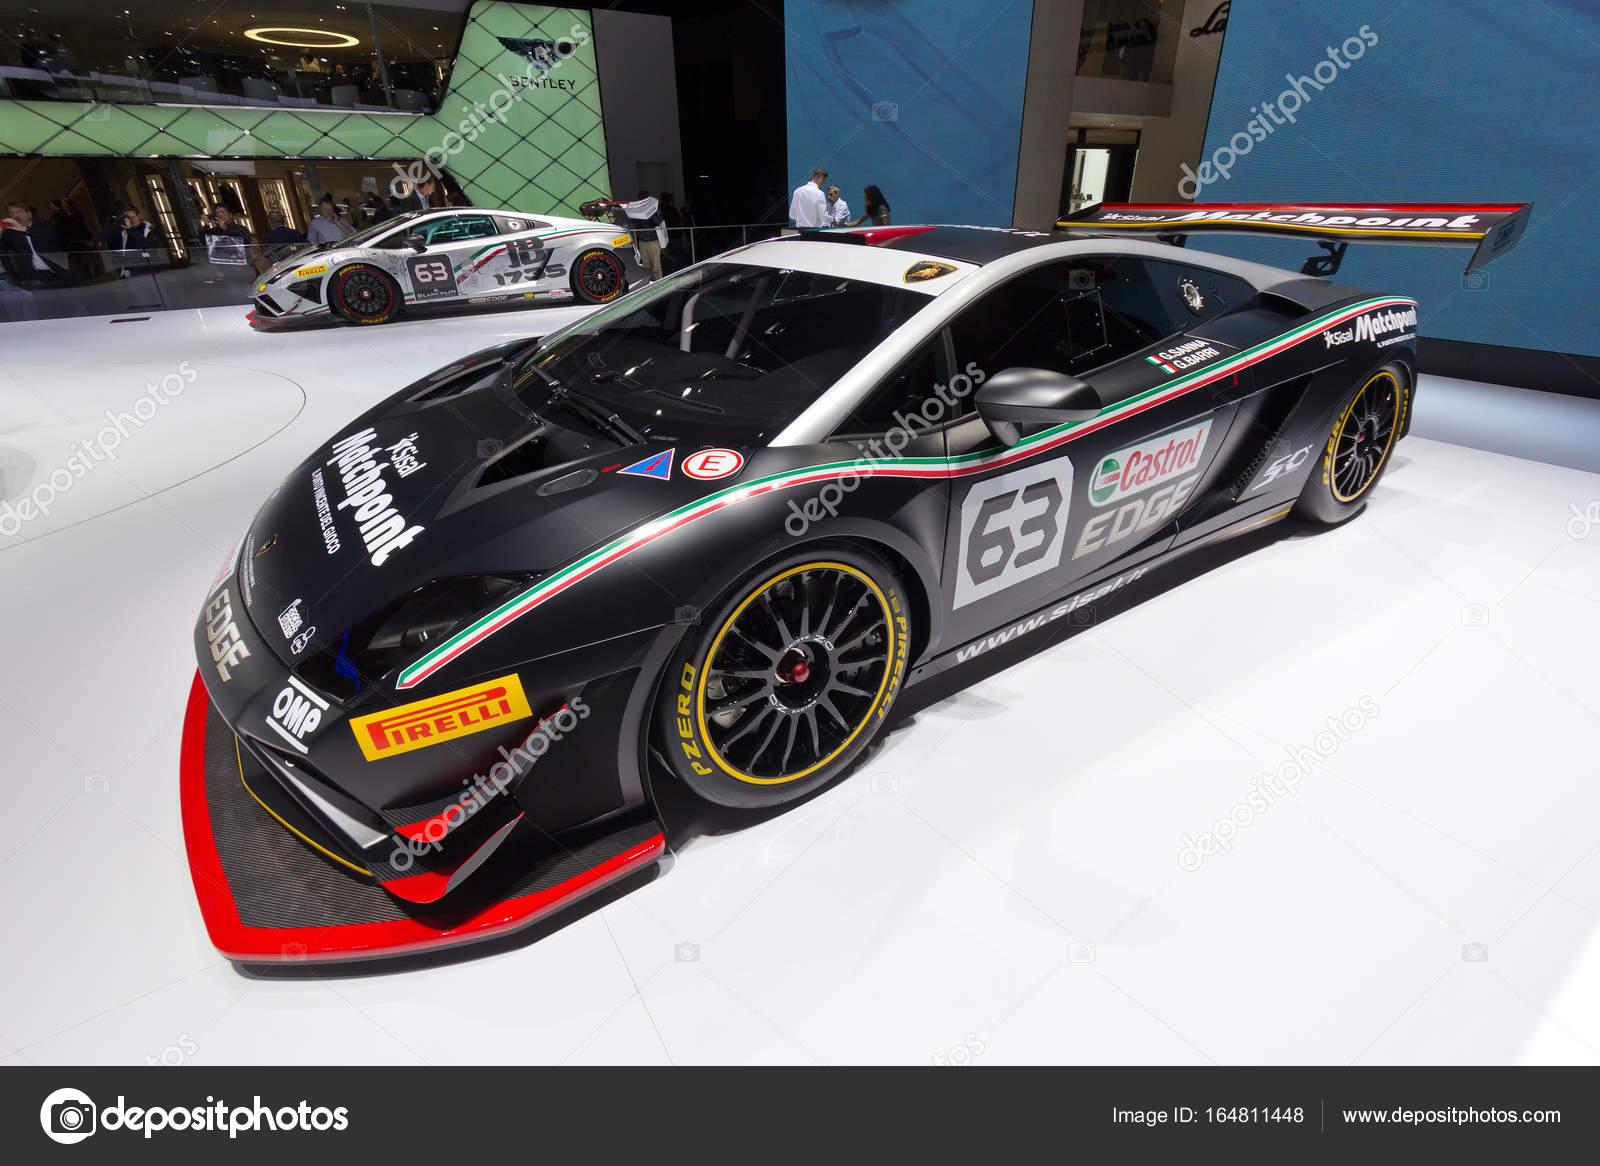 Fotos Autos Deportivos Lamborghini Murcielago Lamborghini